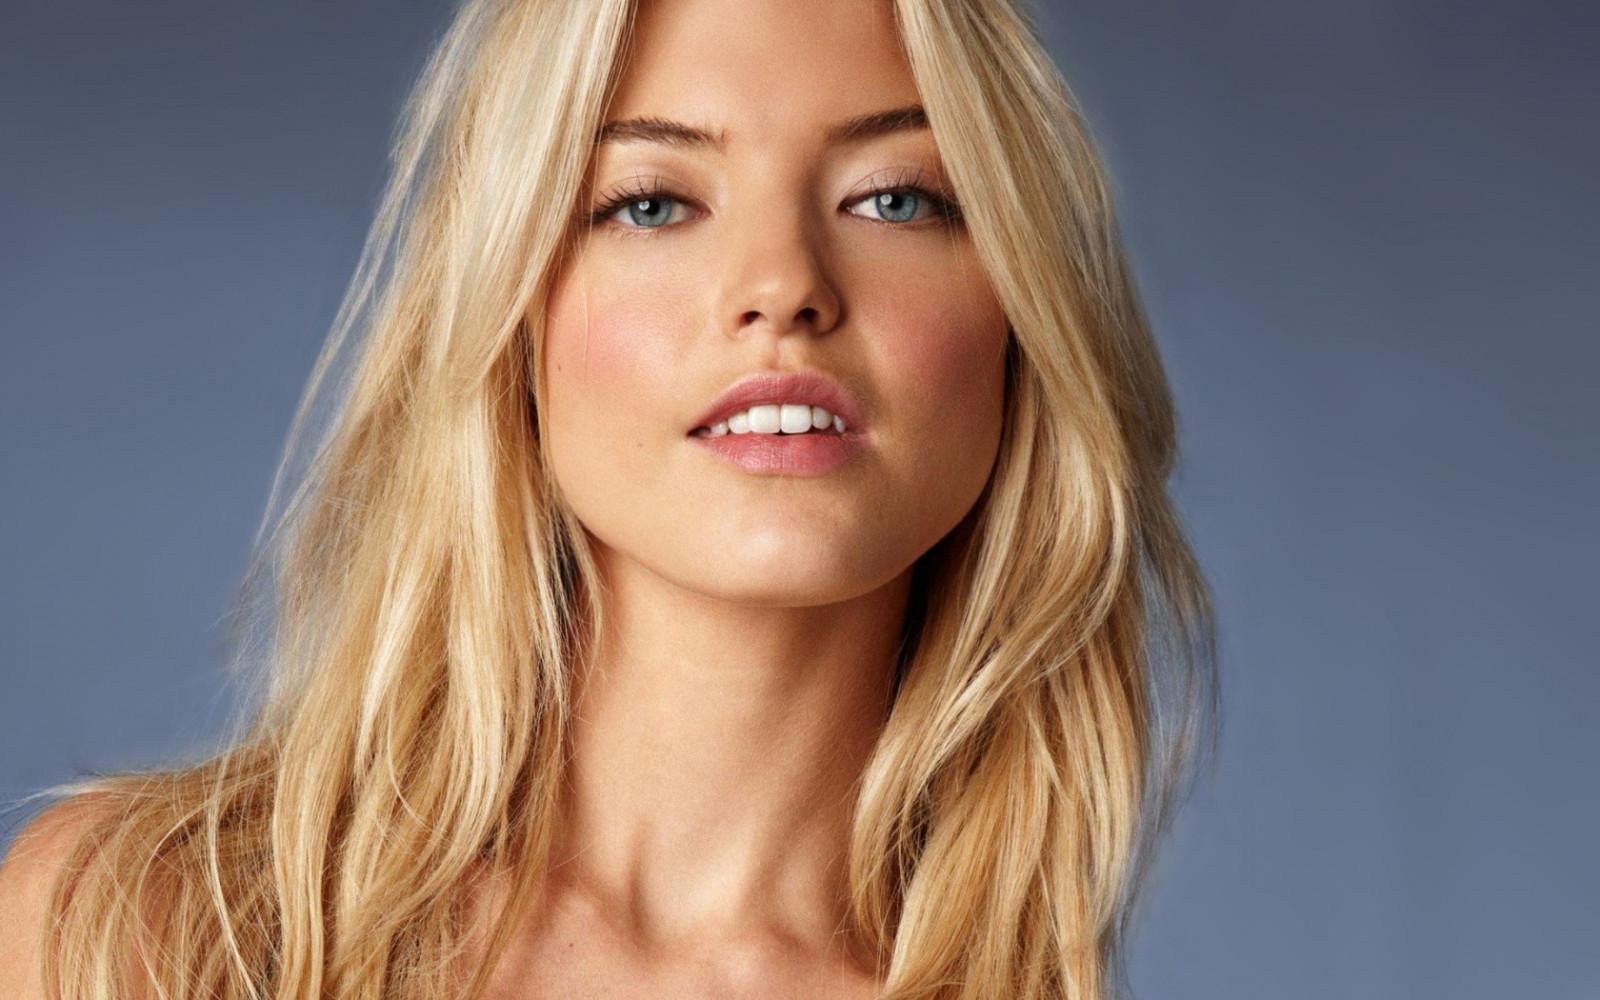 английская модель блондинка достигшим совершеннолетия